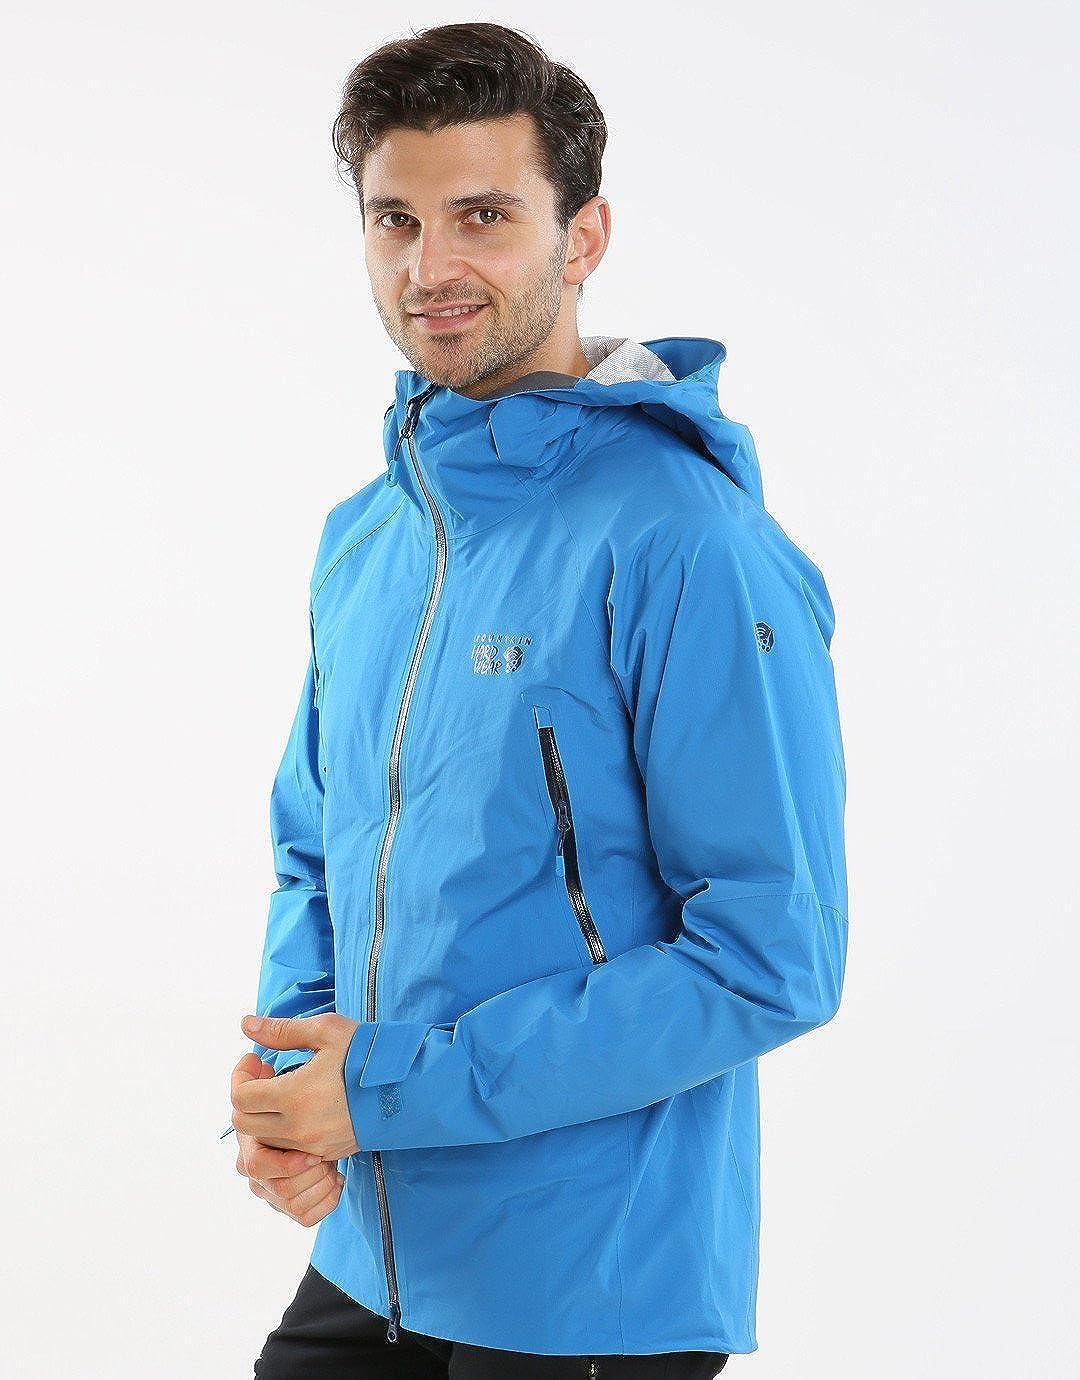 Para hombre Quasar Lite chaqueta - Brújula oscuro medio/azul: Amazon.es: Ropa y accesorios